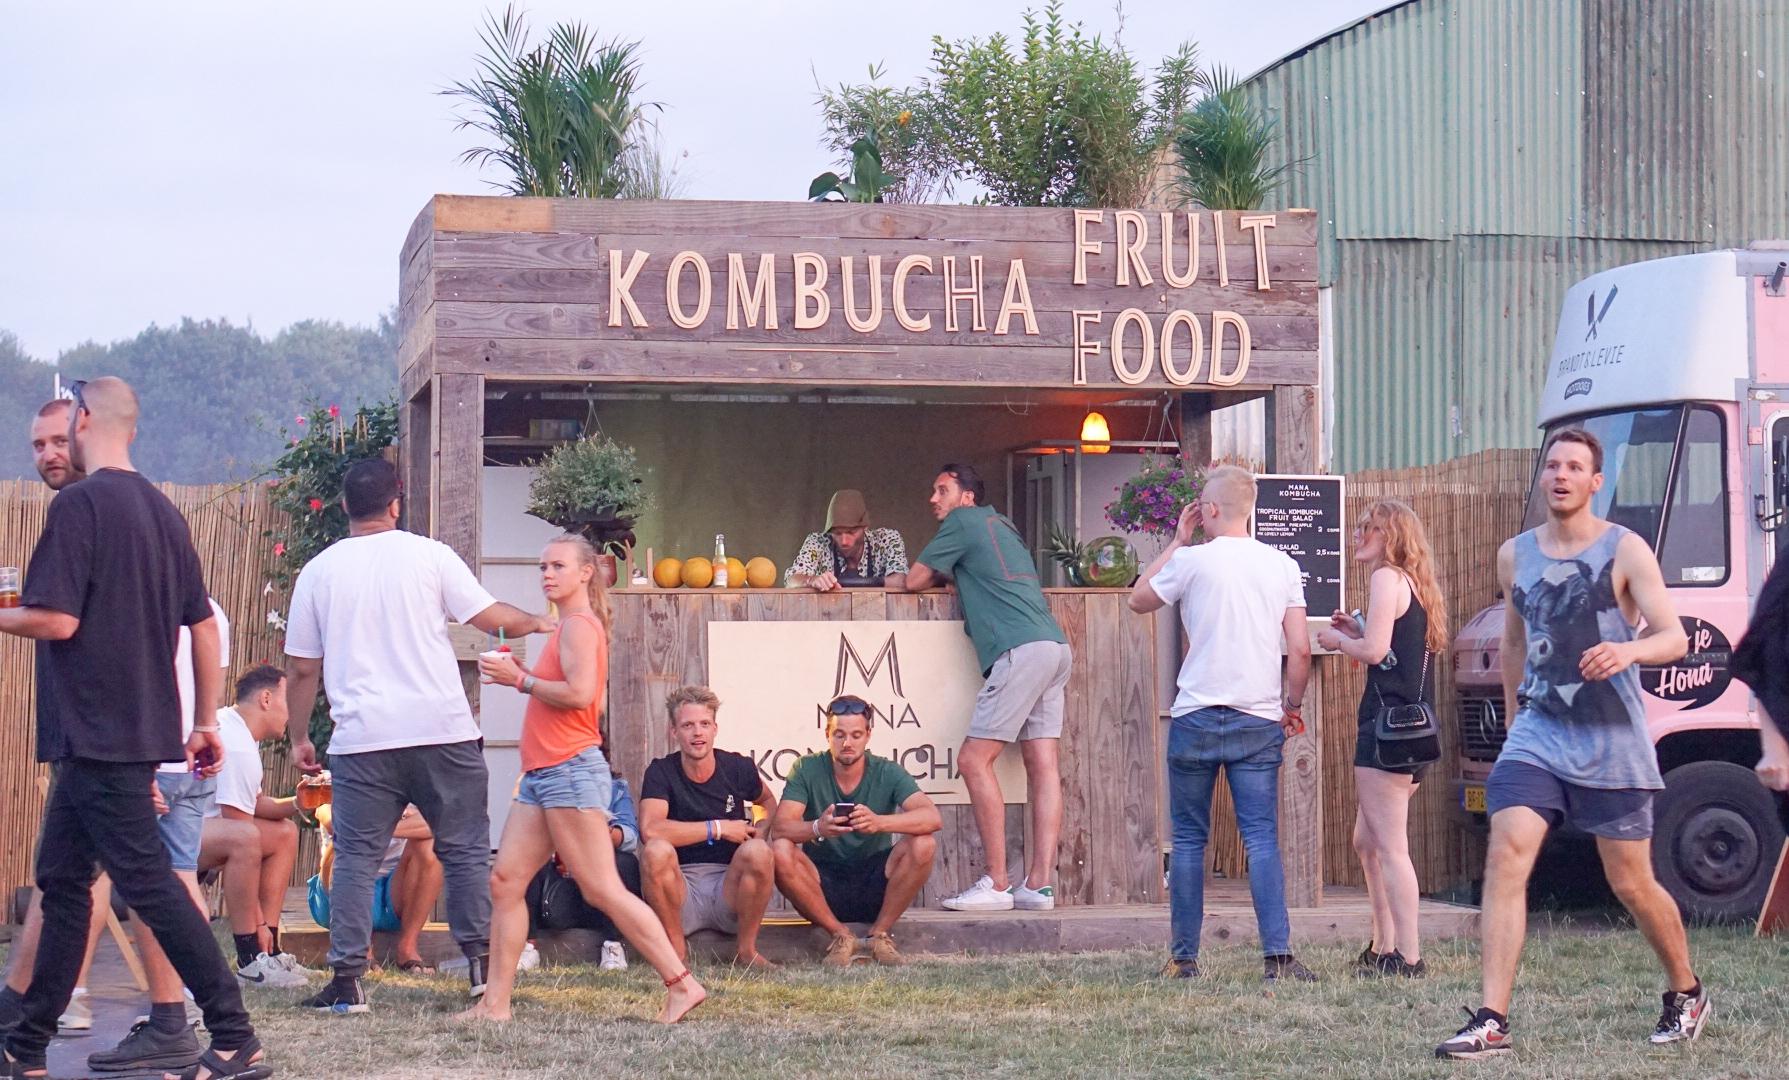 MANA Kombucha at Dekmantel festival.jpg